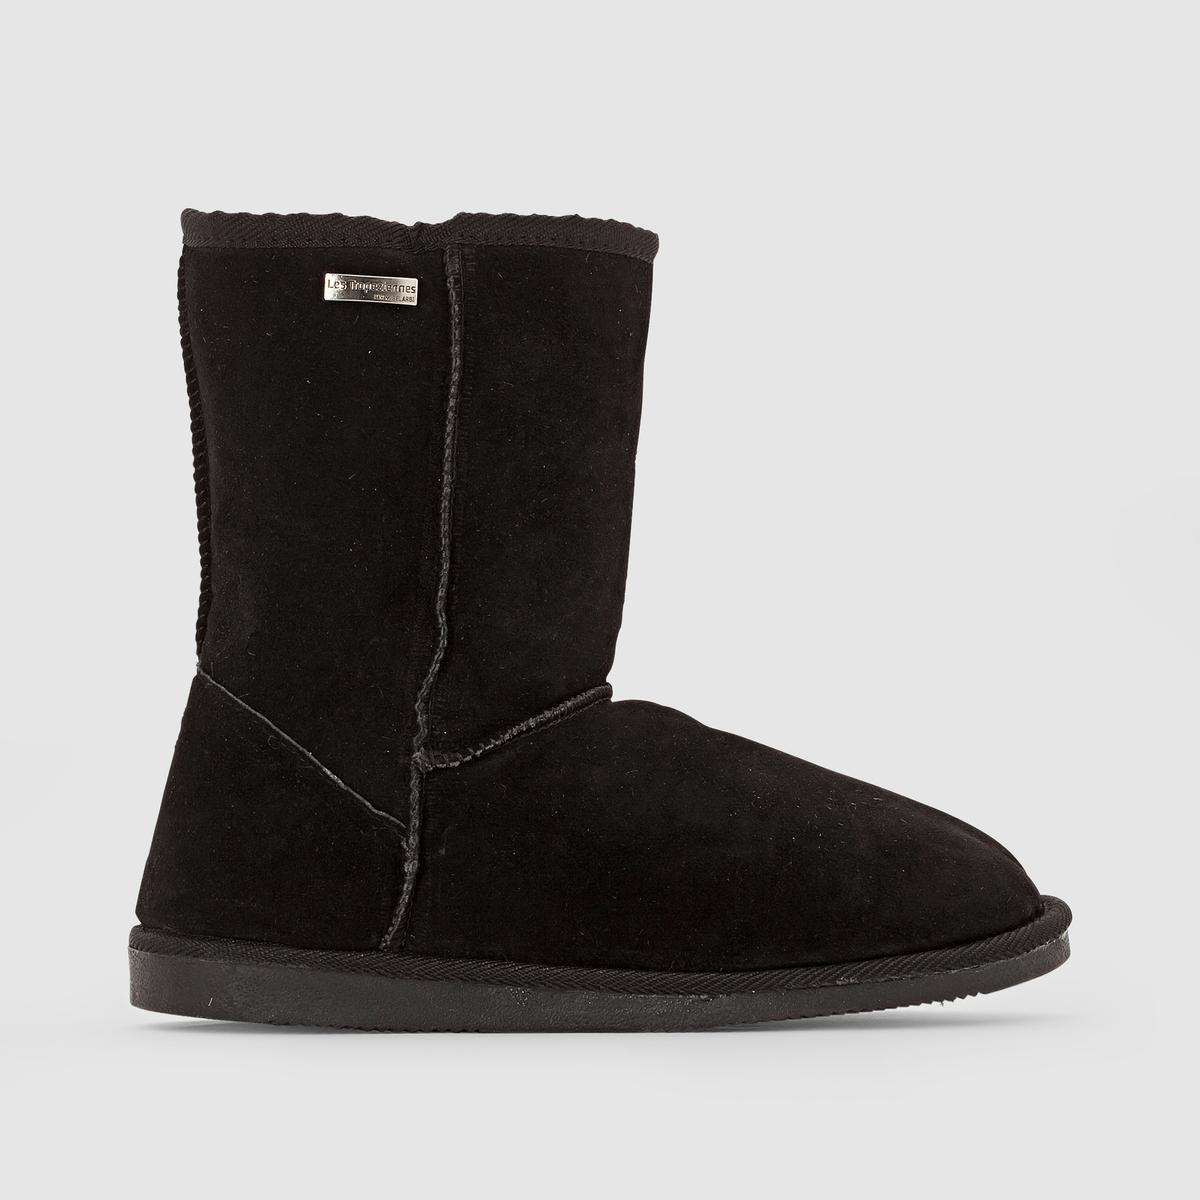 Ботильоны на меху SnowОписание:Детали   •  Высота каблука : 2,5 см •  Застежка : без застежки •  Круглый мысок •  Велюровая отделка, нубукСостав и уход   •  Верх 100% спилок •  Подкладка 100% текстиль •  Стелька 100% текстиль •  Подошва 100% синтетический материал<br><br>Цвет: серый,темно-бежевый,темно-синий,черный<br>Размер: 41.40.39.38.36.39.40